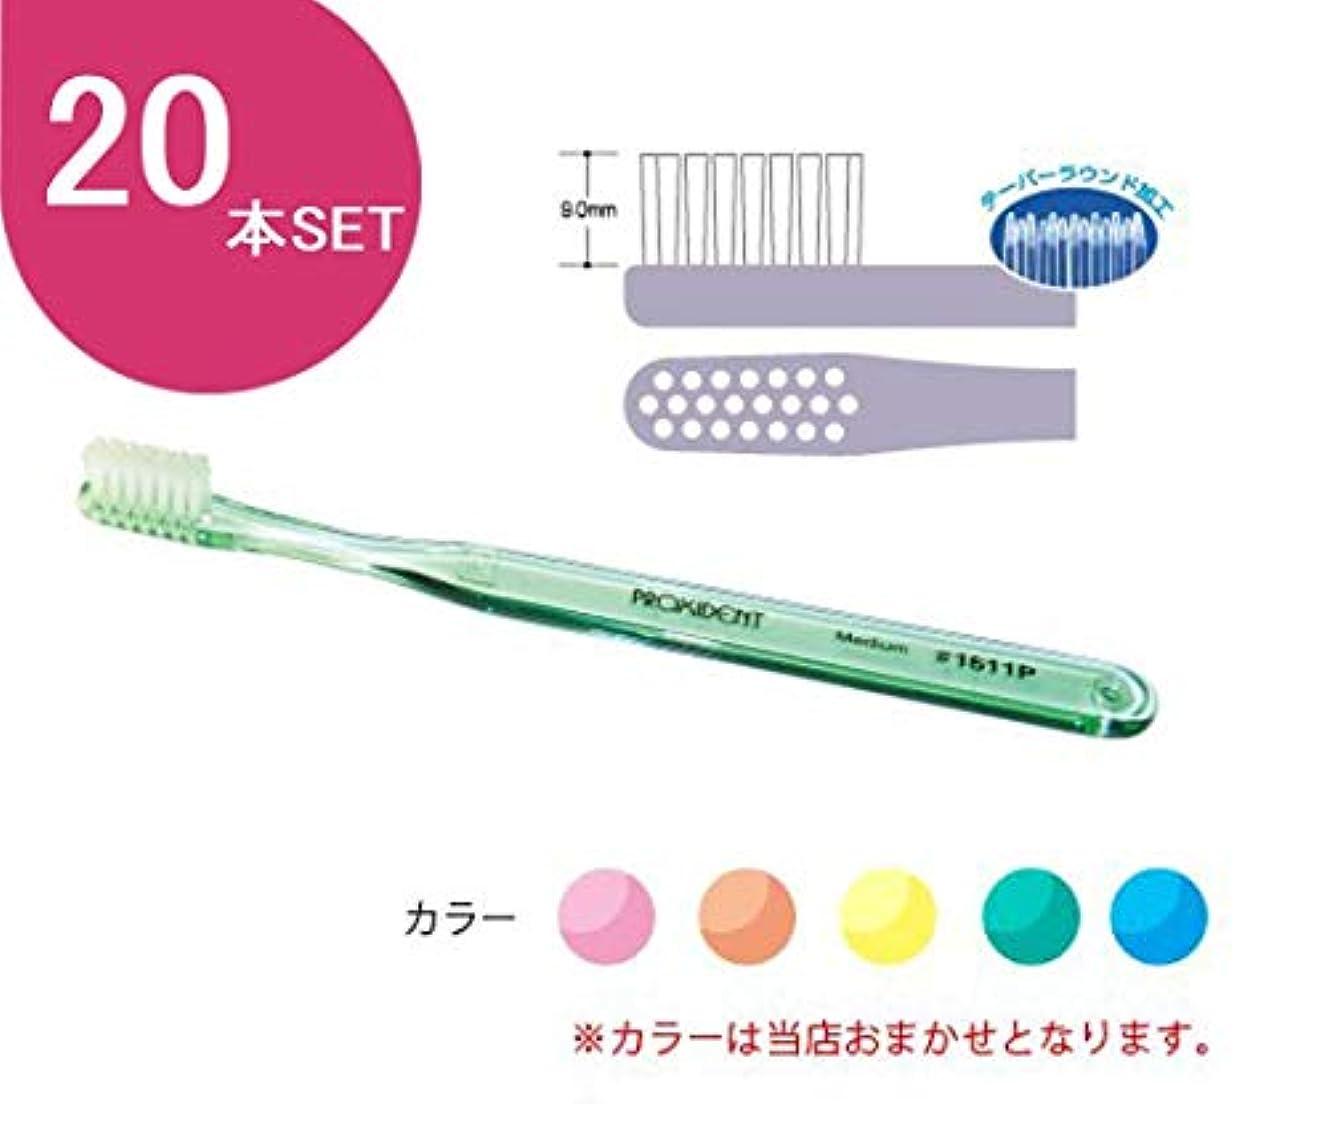 荒涼としたマント消化プローデント プロキシデント #1611P 歯ブラシ 20本入